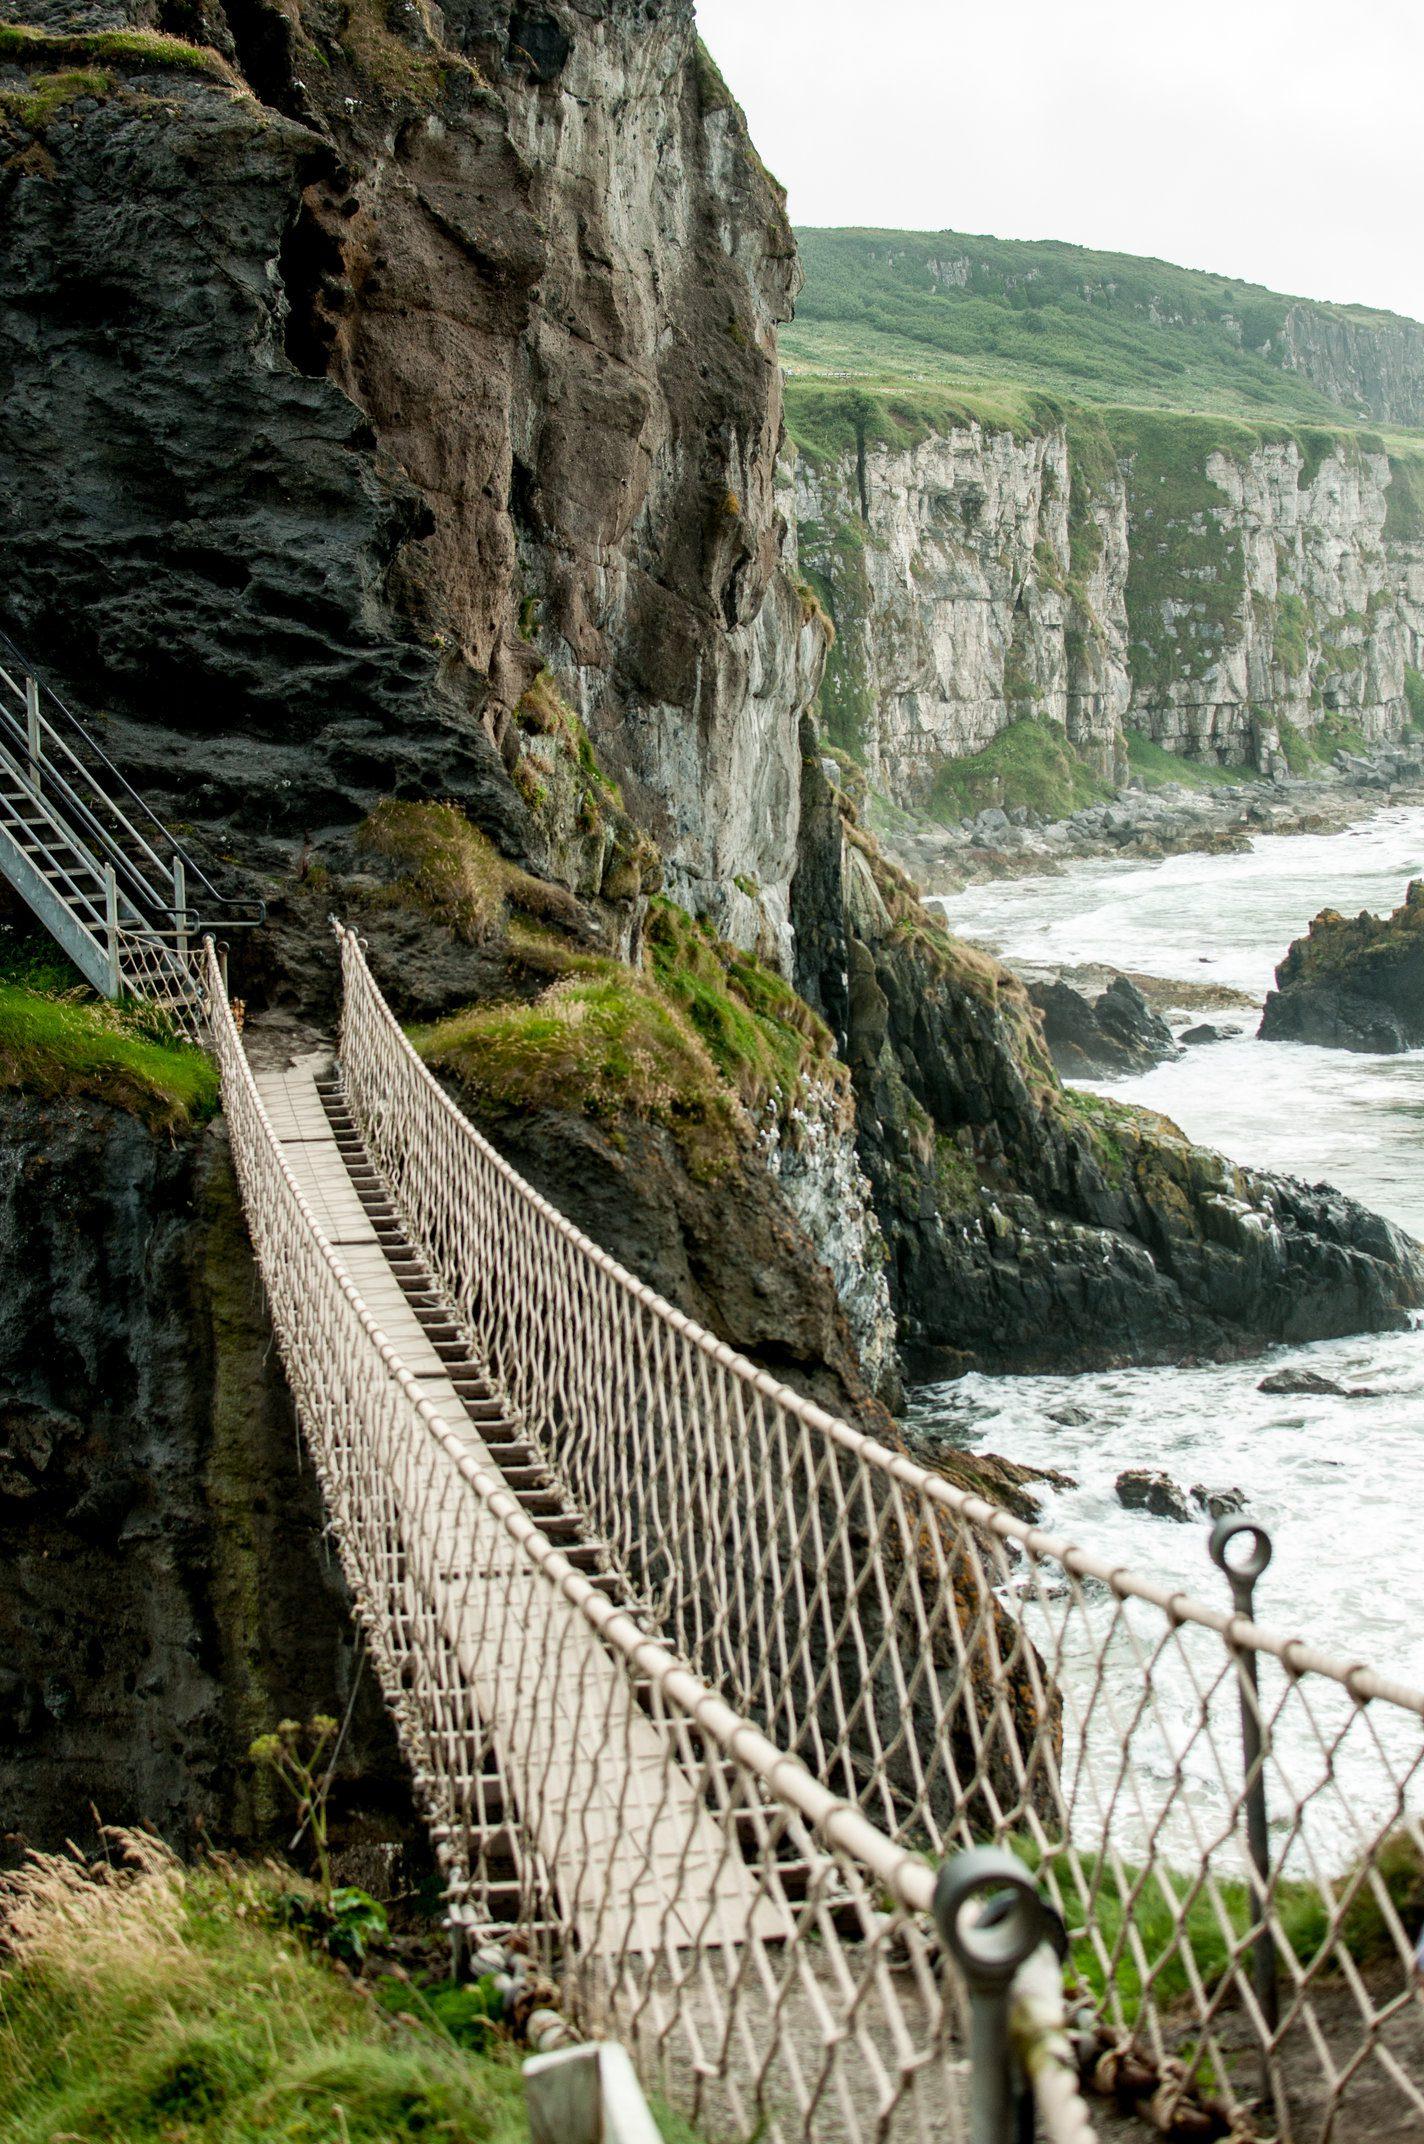 Irlandia Północna - to musisz zobaczyć